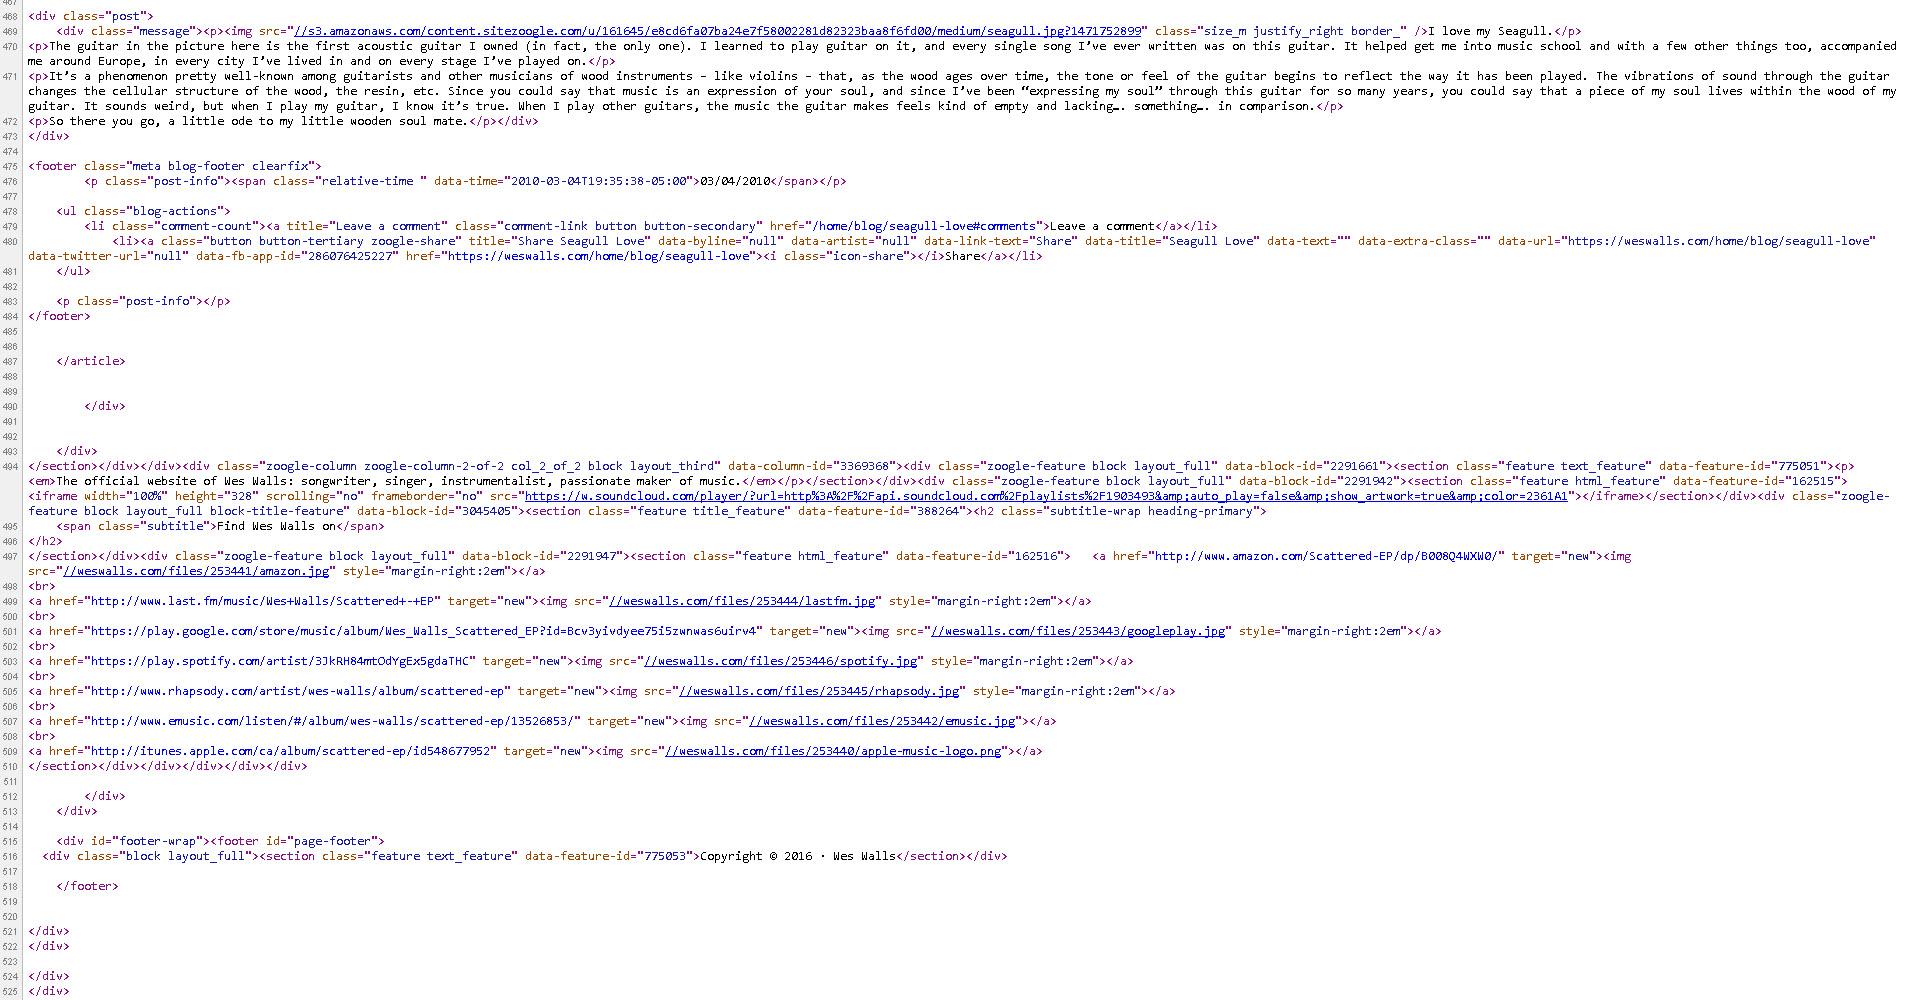 Bandzoogle clean HTML